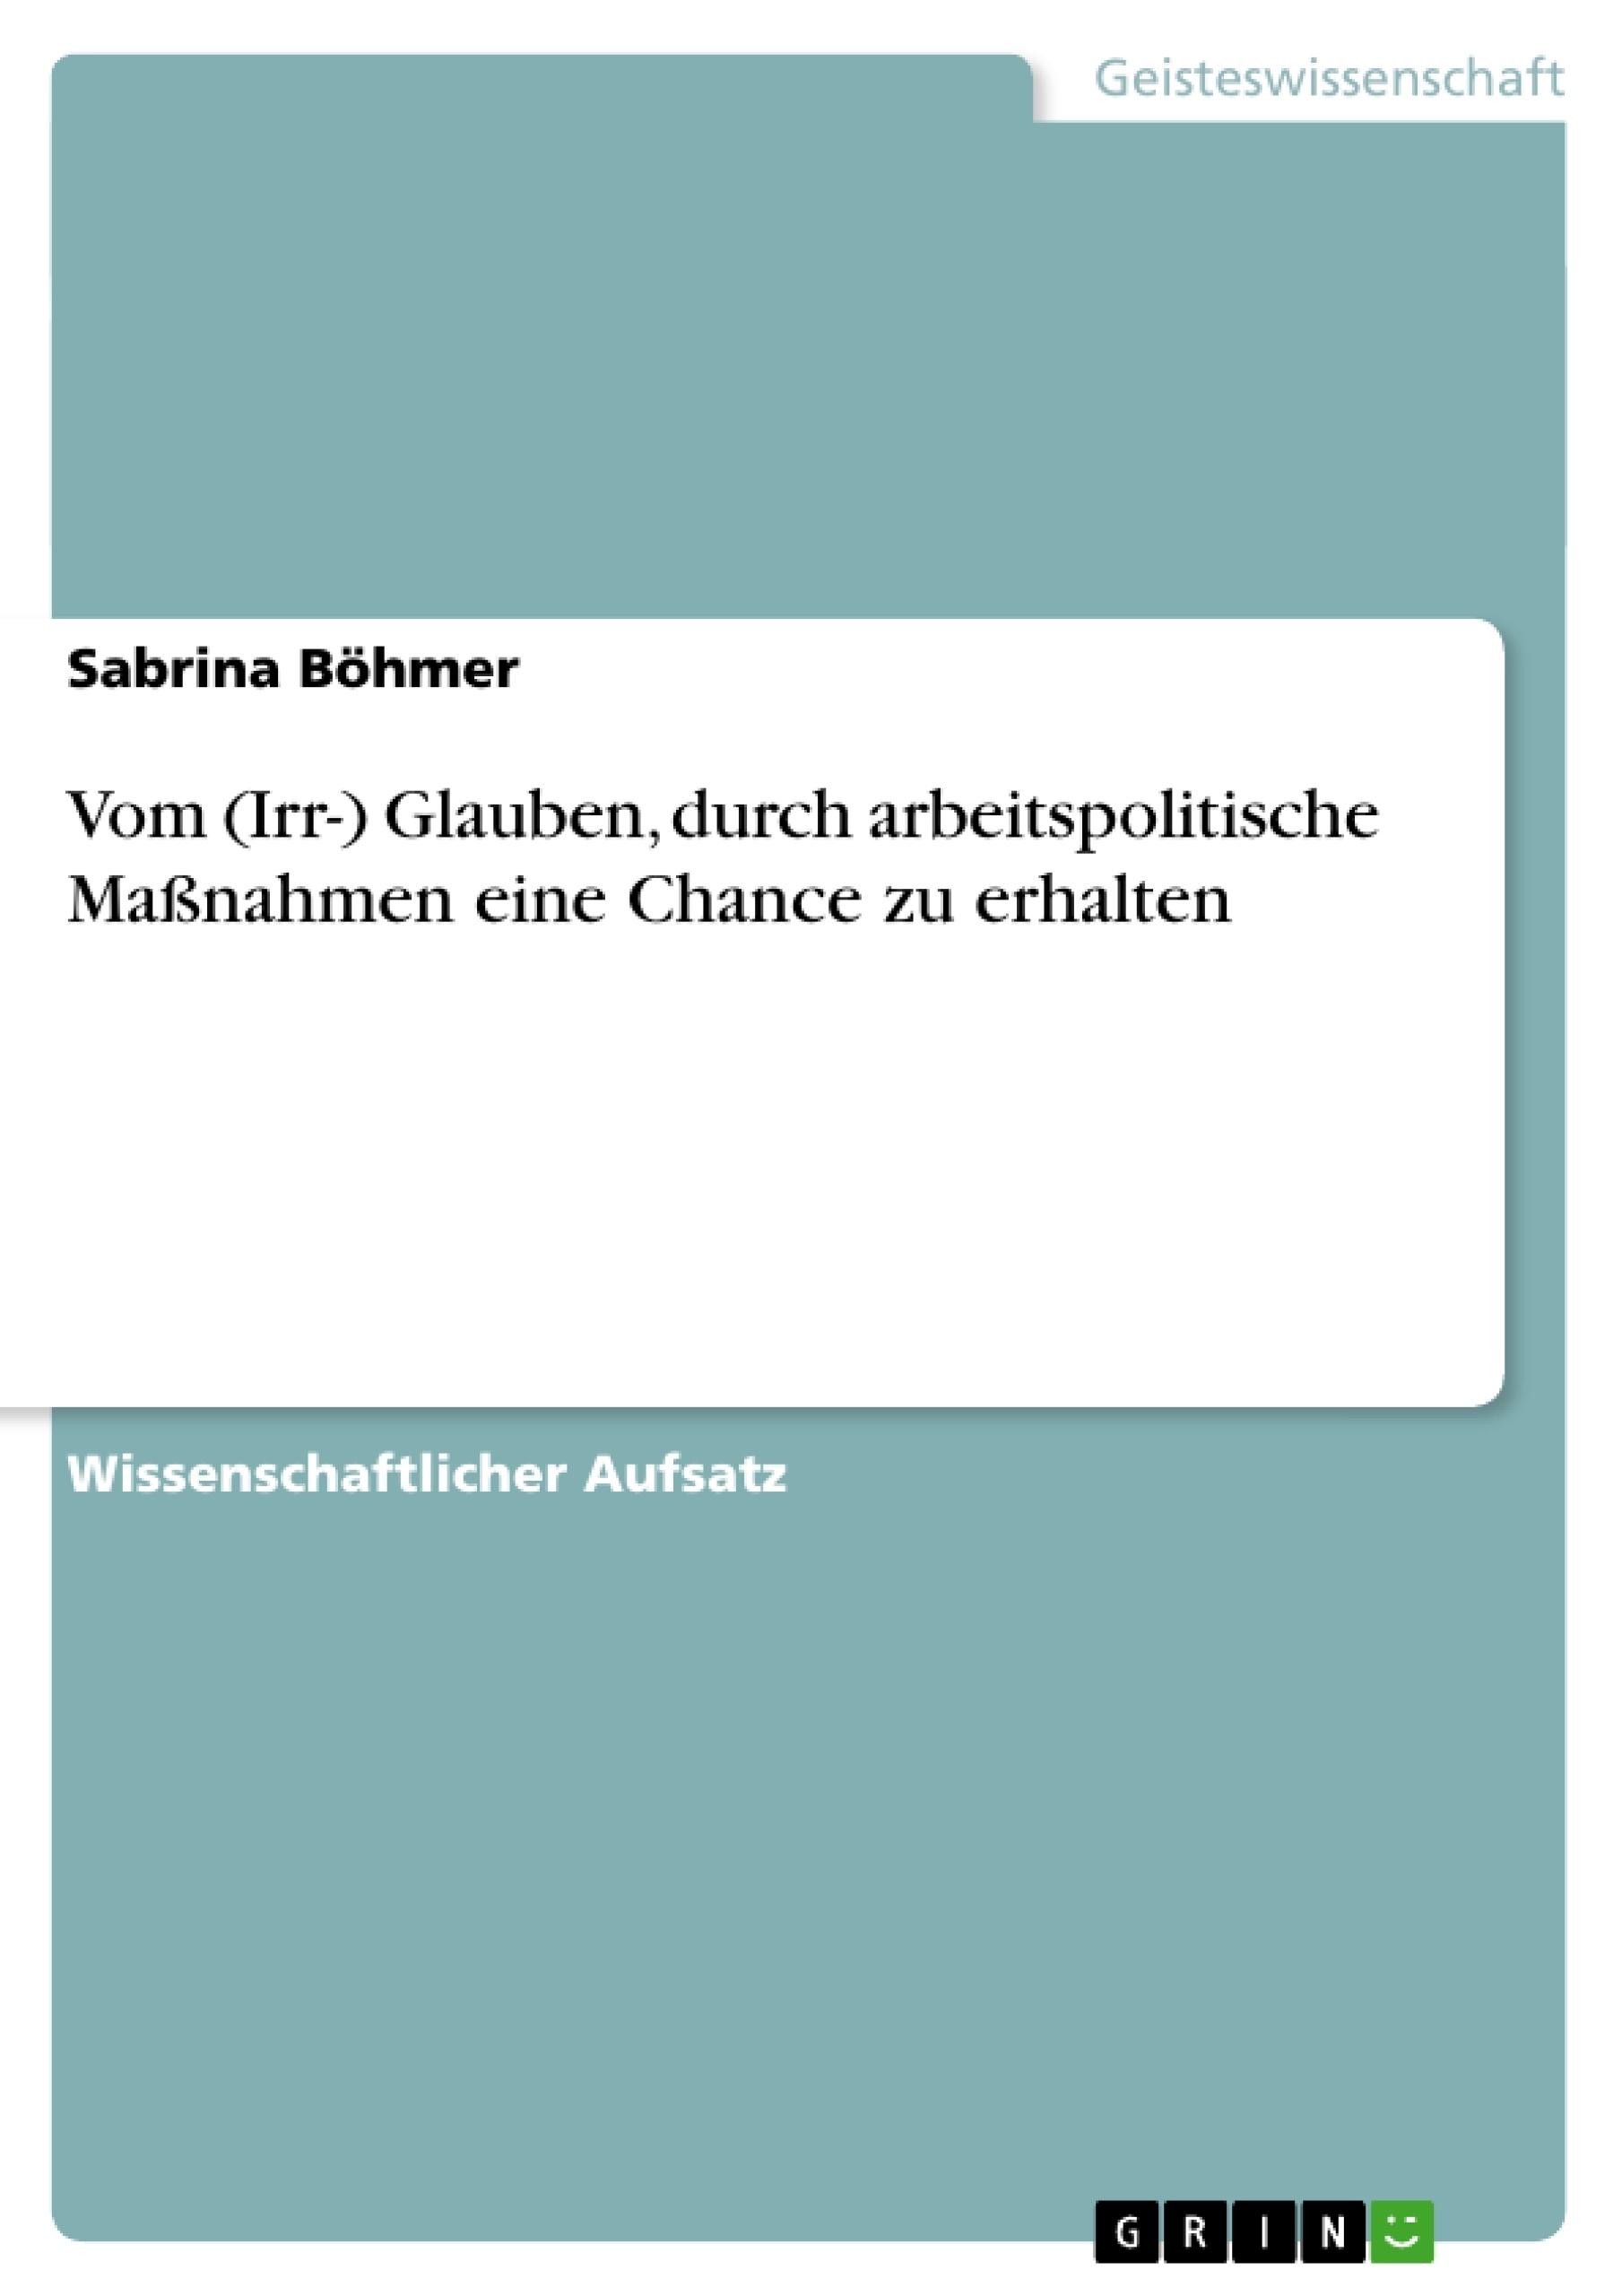 Titel: Vom (Irr-) Glauben, durch arbeitspolitische Maßnahmen eine Chance zu erhalten